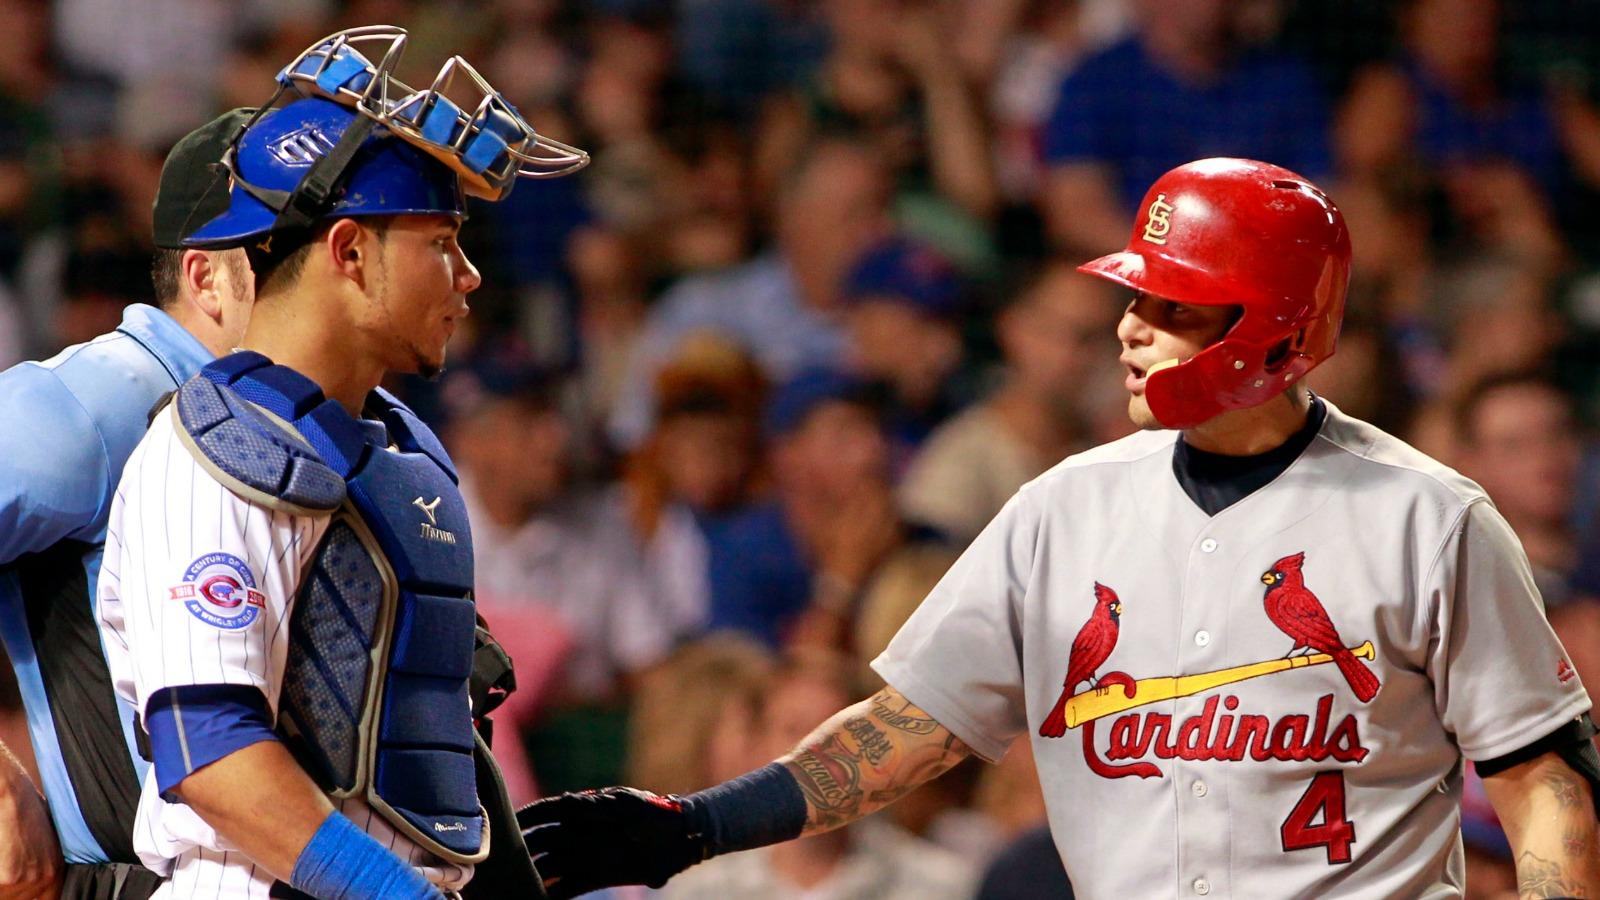 041117-MLB-MolinaContreras-PI